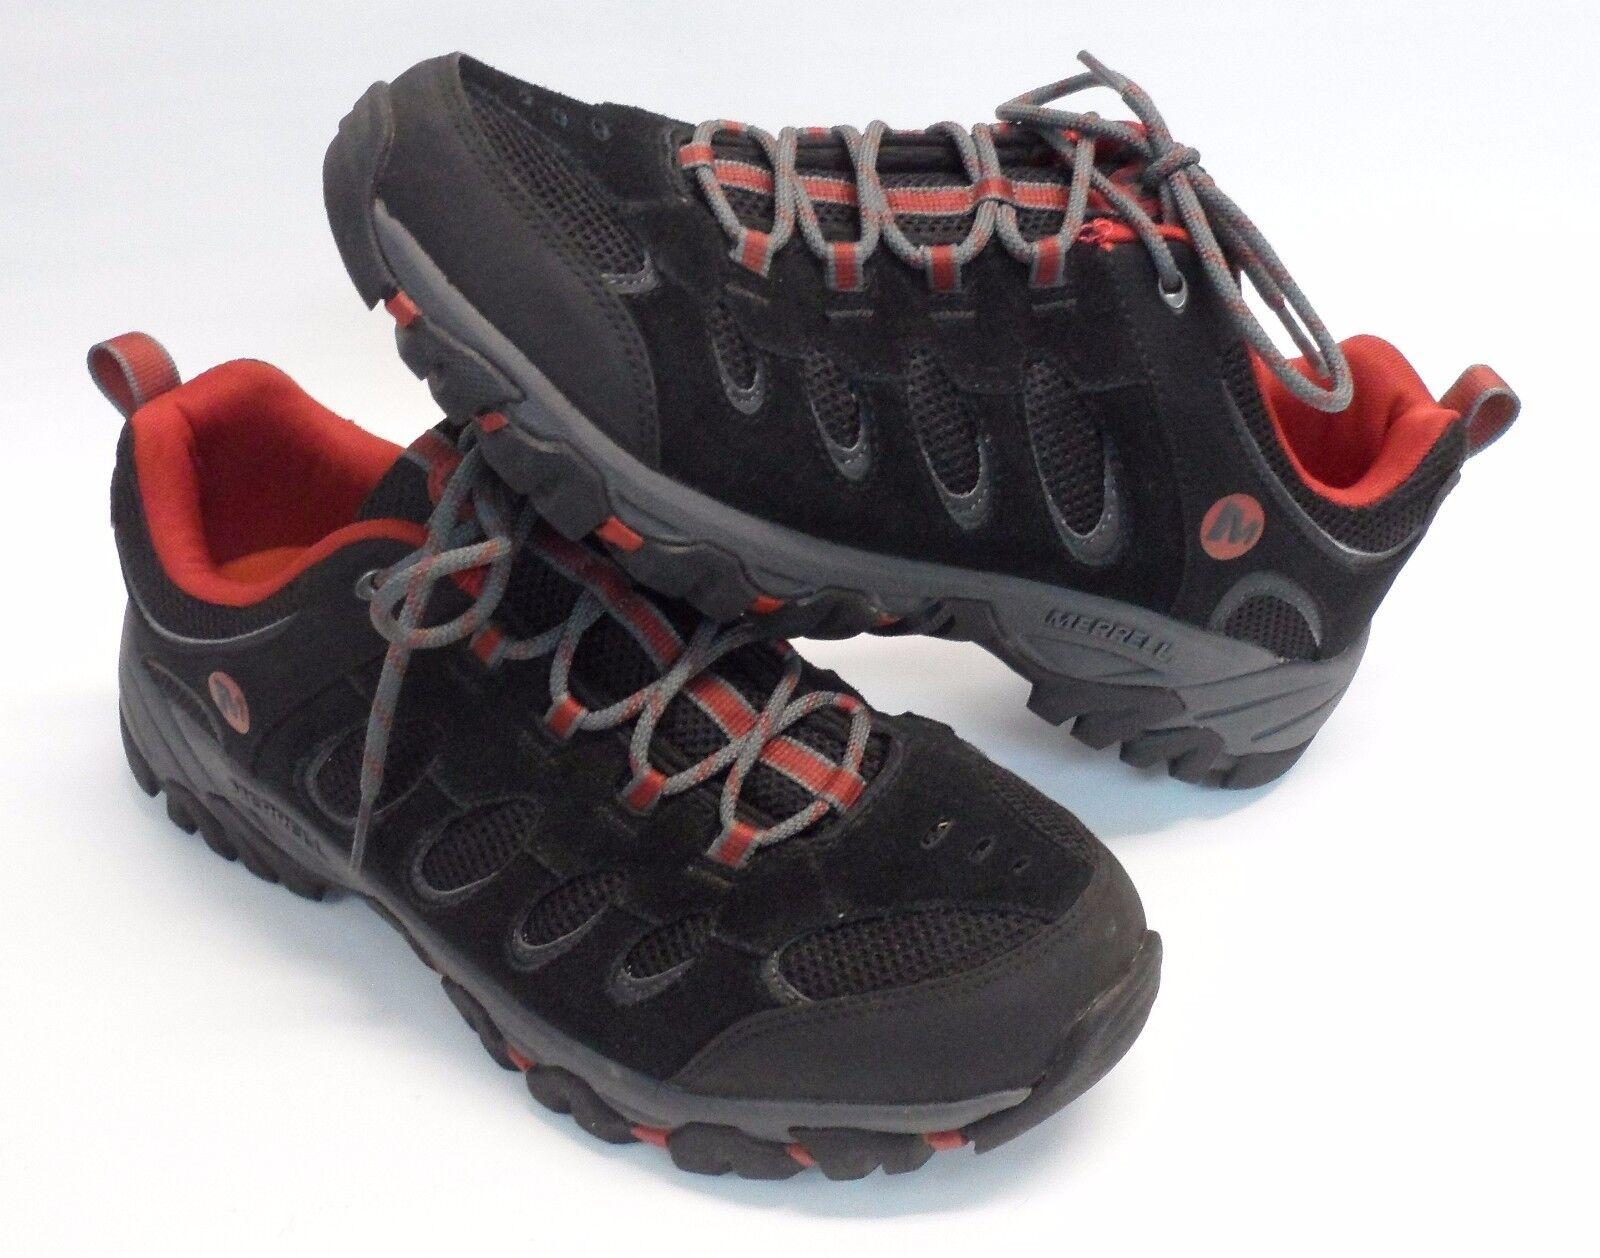 Para Hombre Merrell ocre ridgepass Suede Senderismo Zapatos Negro EE. UU. 44.5 EUR